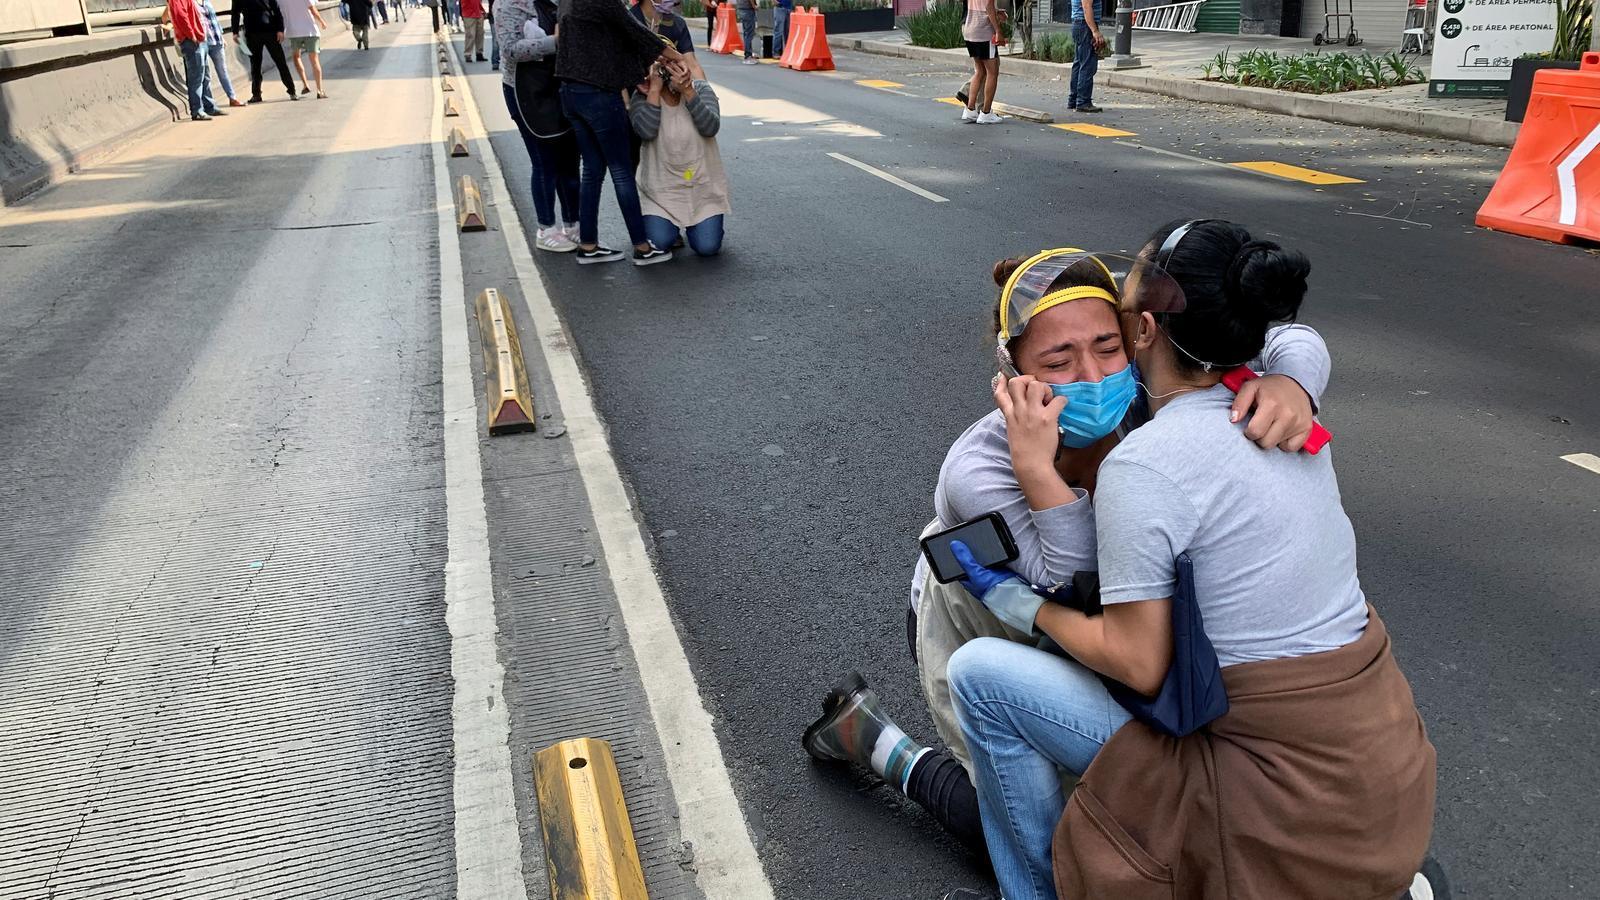 Gent en pànic al mig del carrer a Ciutat de Mèxic, a causa del terratrèmol que ha sacsejat el país